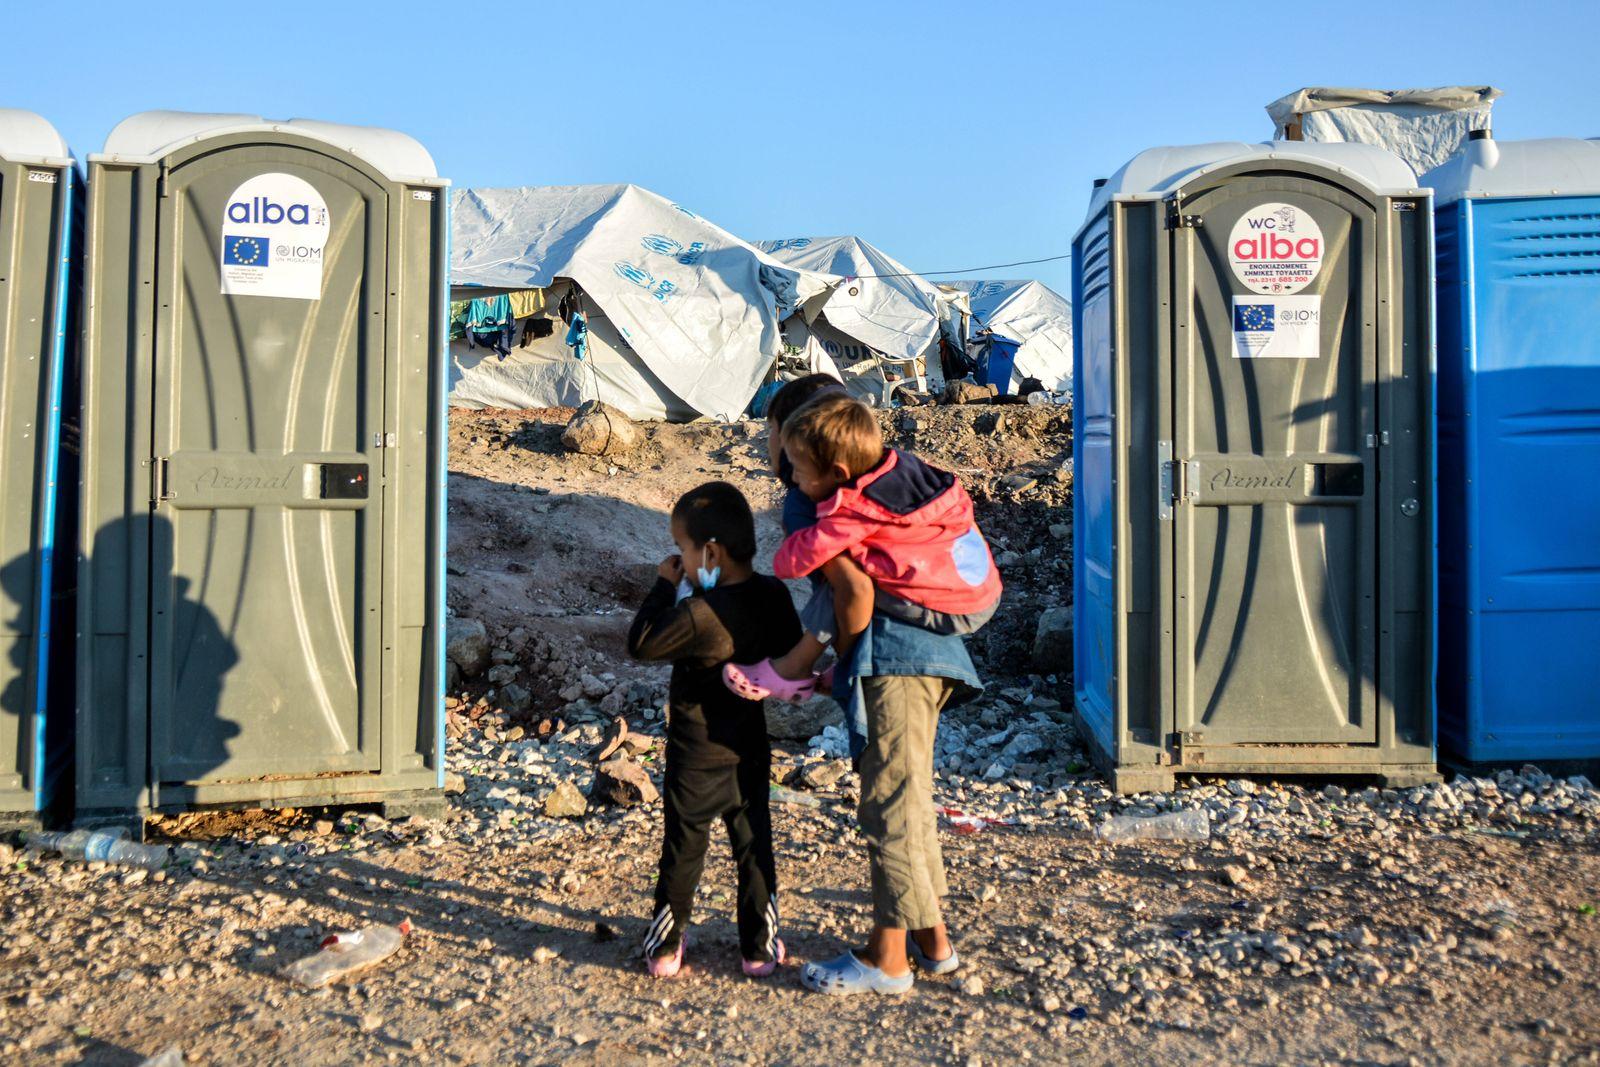 Momentaufnahme aus dem neuen Flüchtlingslager für Flüchtlinge und Migranten in Kara Tepe, auf der griechischen Insel Le